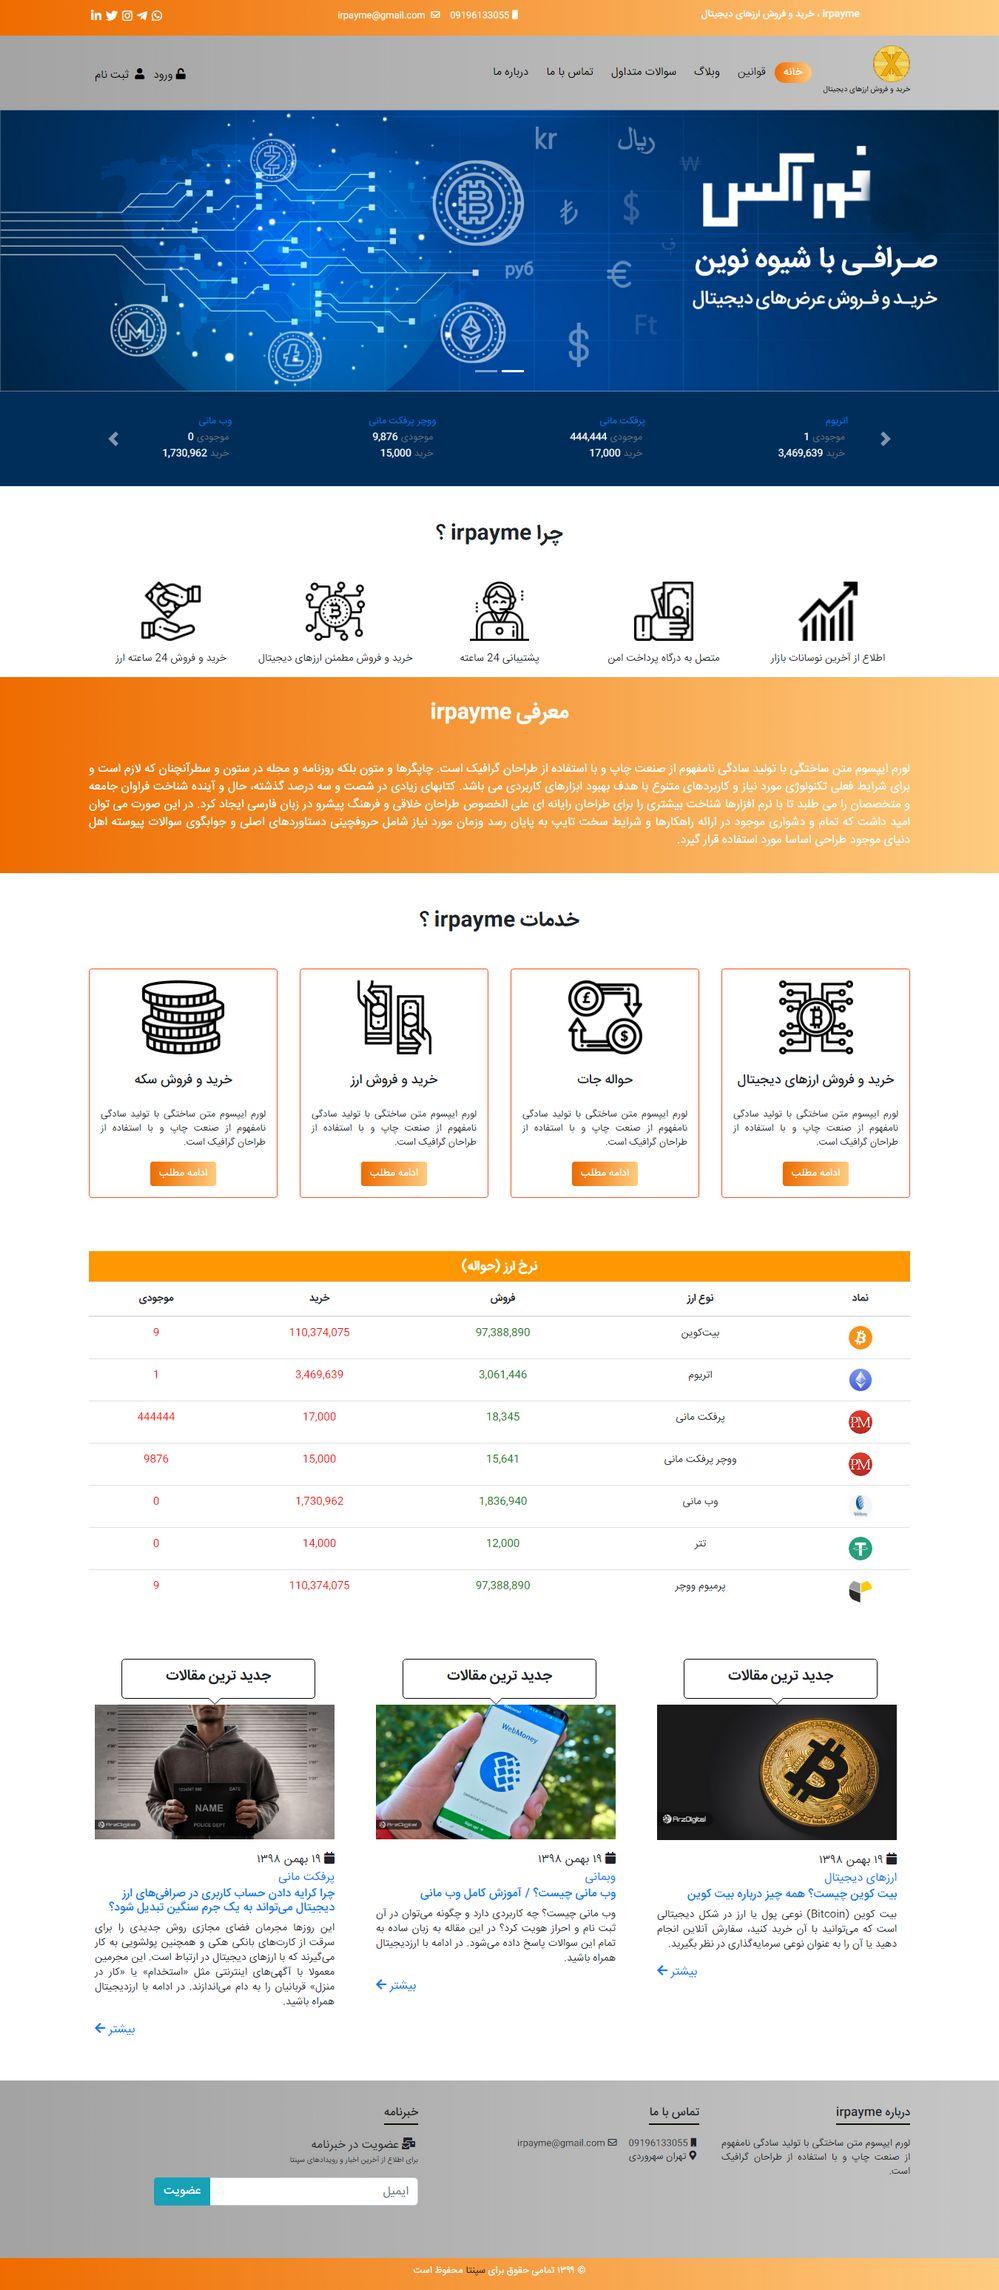 طراحی سایت خرید و فروش ارز دیجیتال ای ار پی می